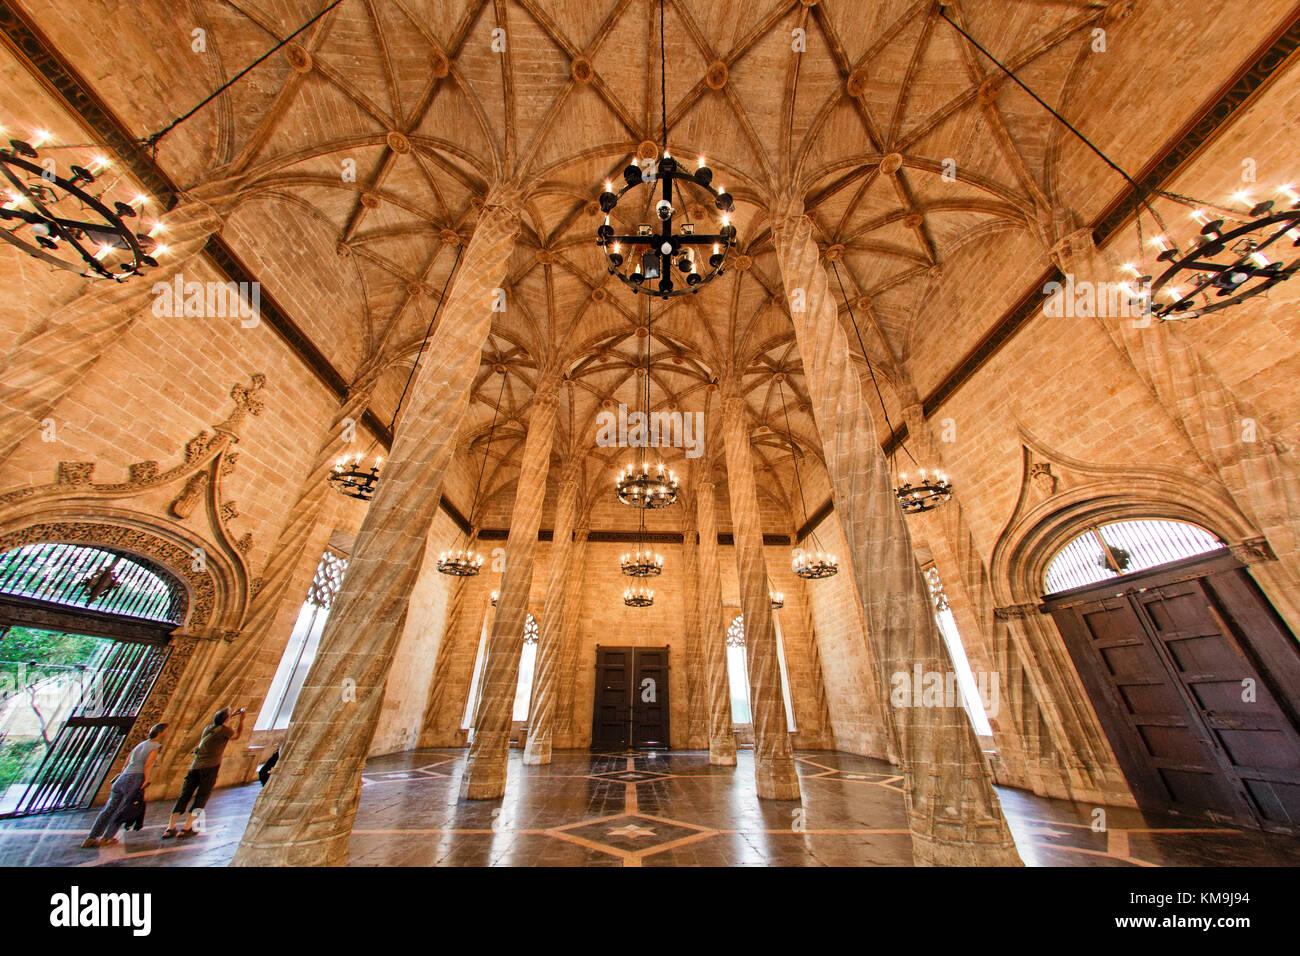 La Lonja de la Seda, UNESCO World heritage, silk exchange, columns,    Valencia, Spain - Stock Image